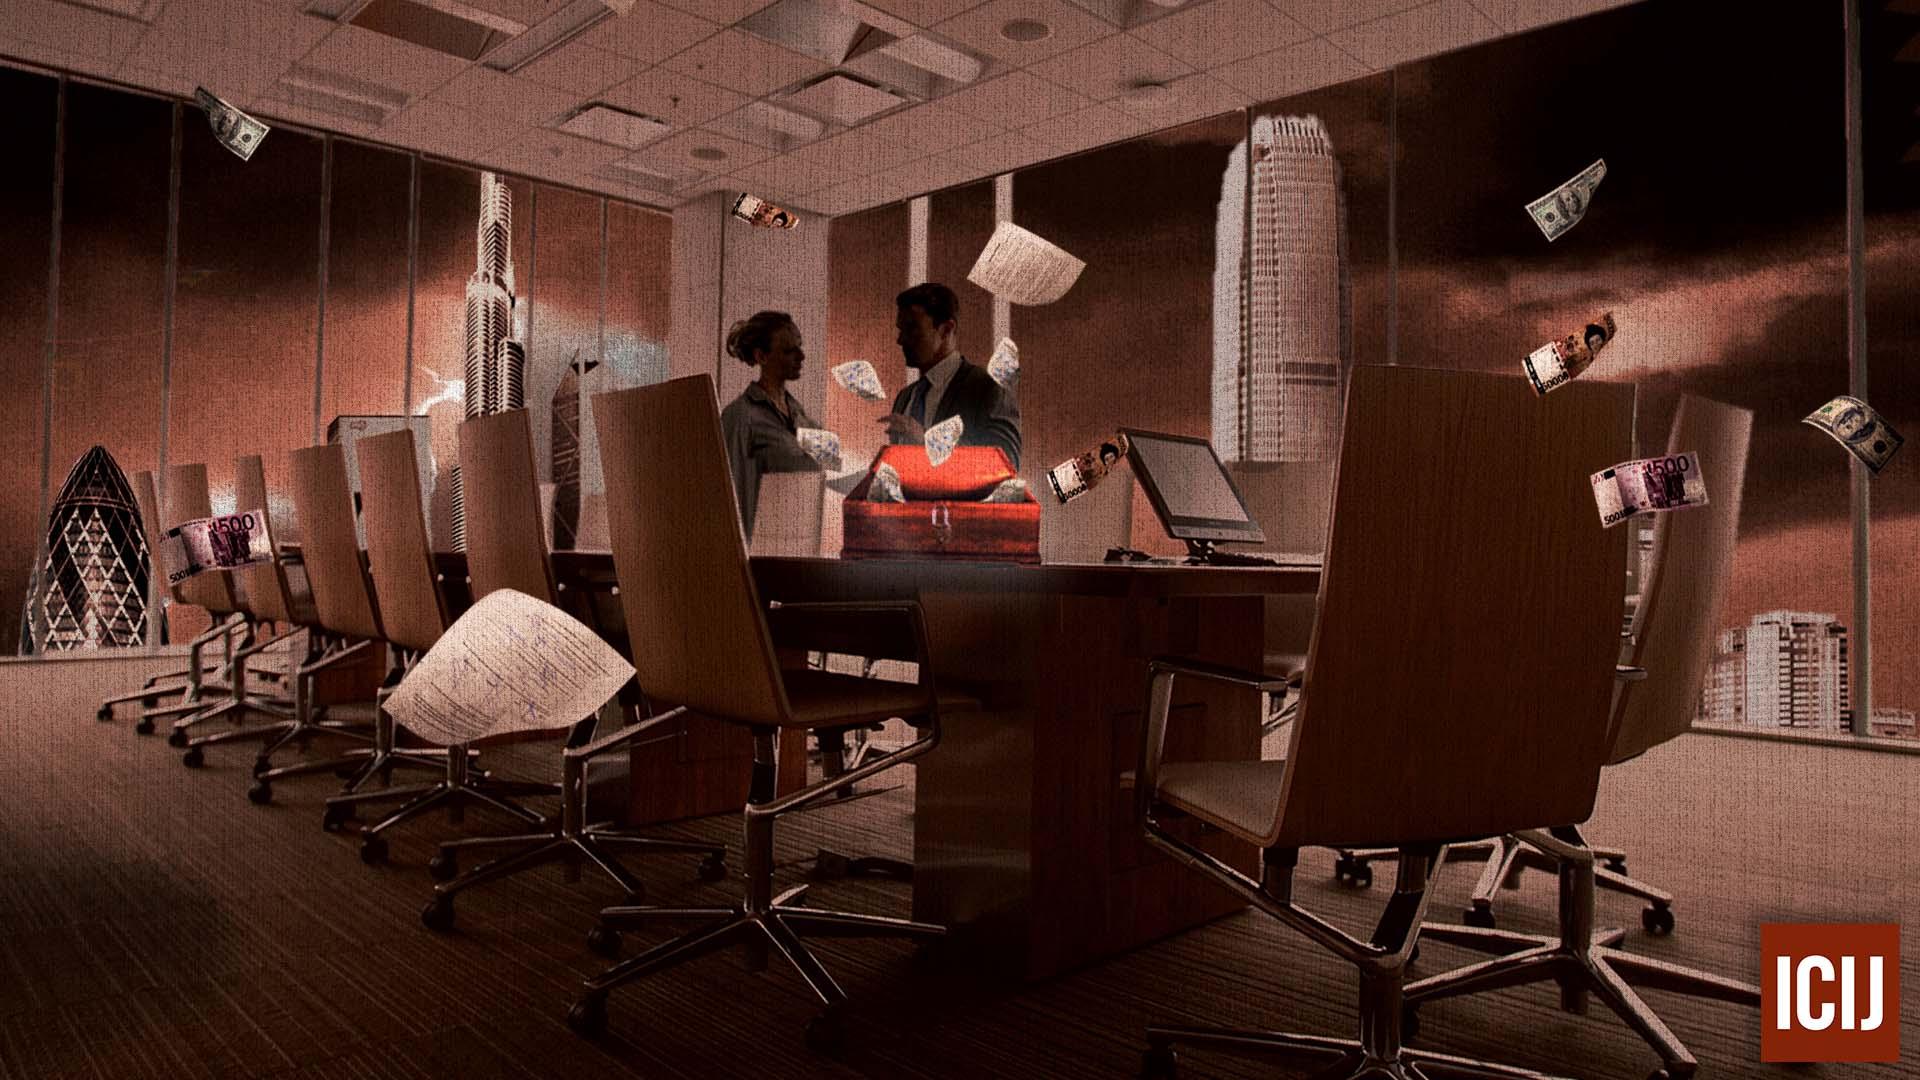 Pandora Papers. [PHOTO: ICIJ-Inkyfada-Tayma Ben Ahmed]